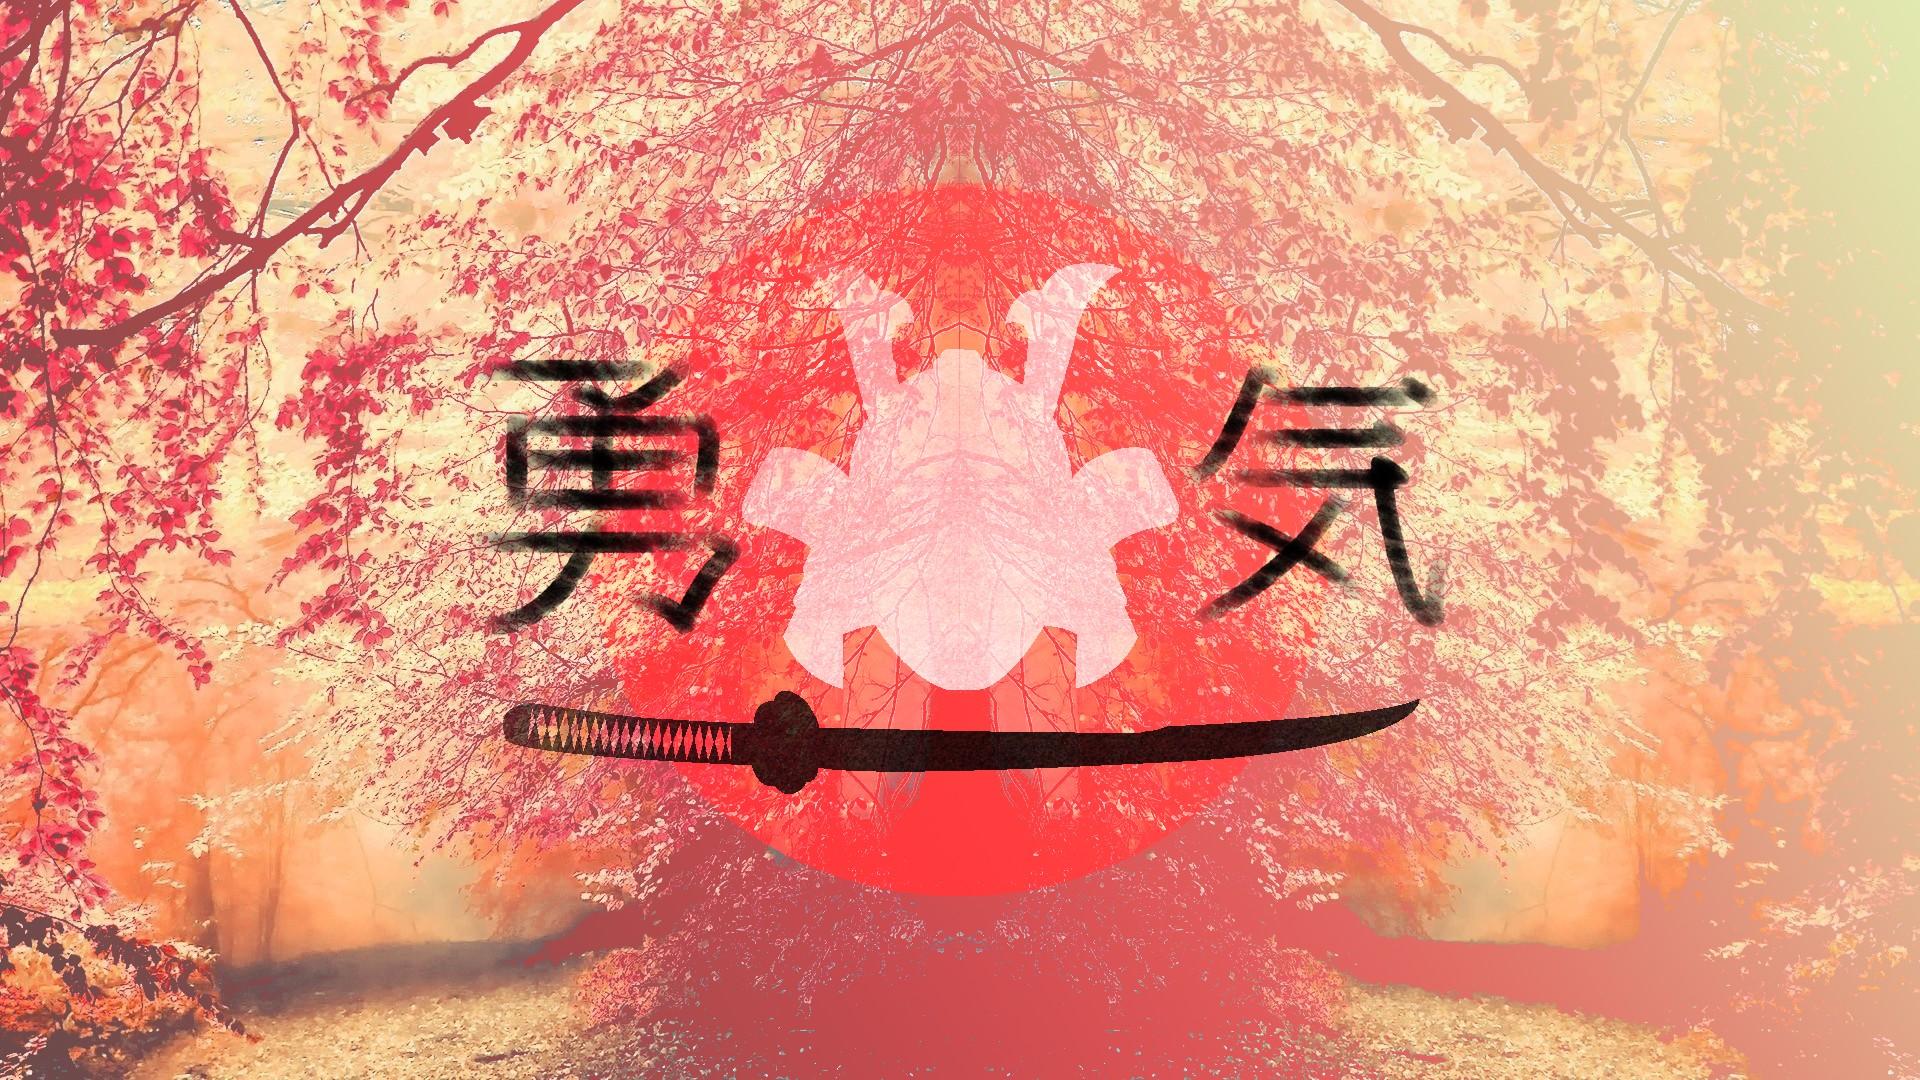 Wallpaper 1920x1080 Px Japan Kanji Pink Samurai